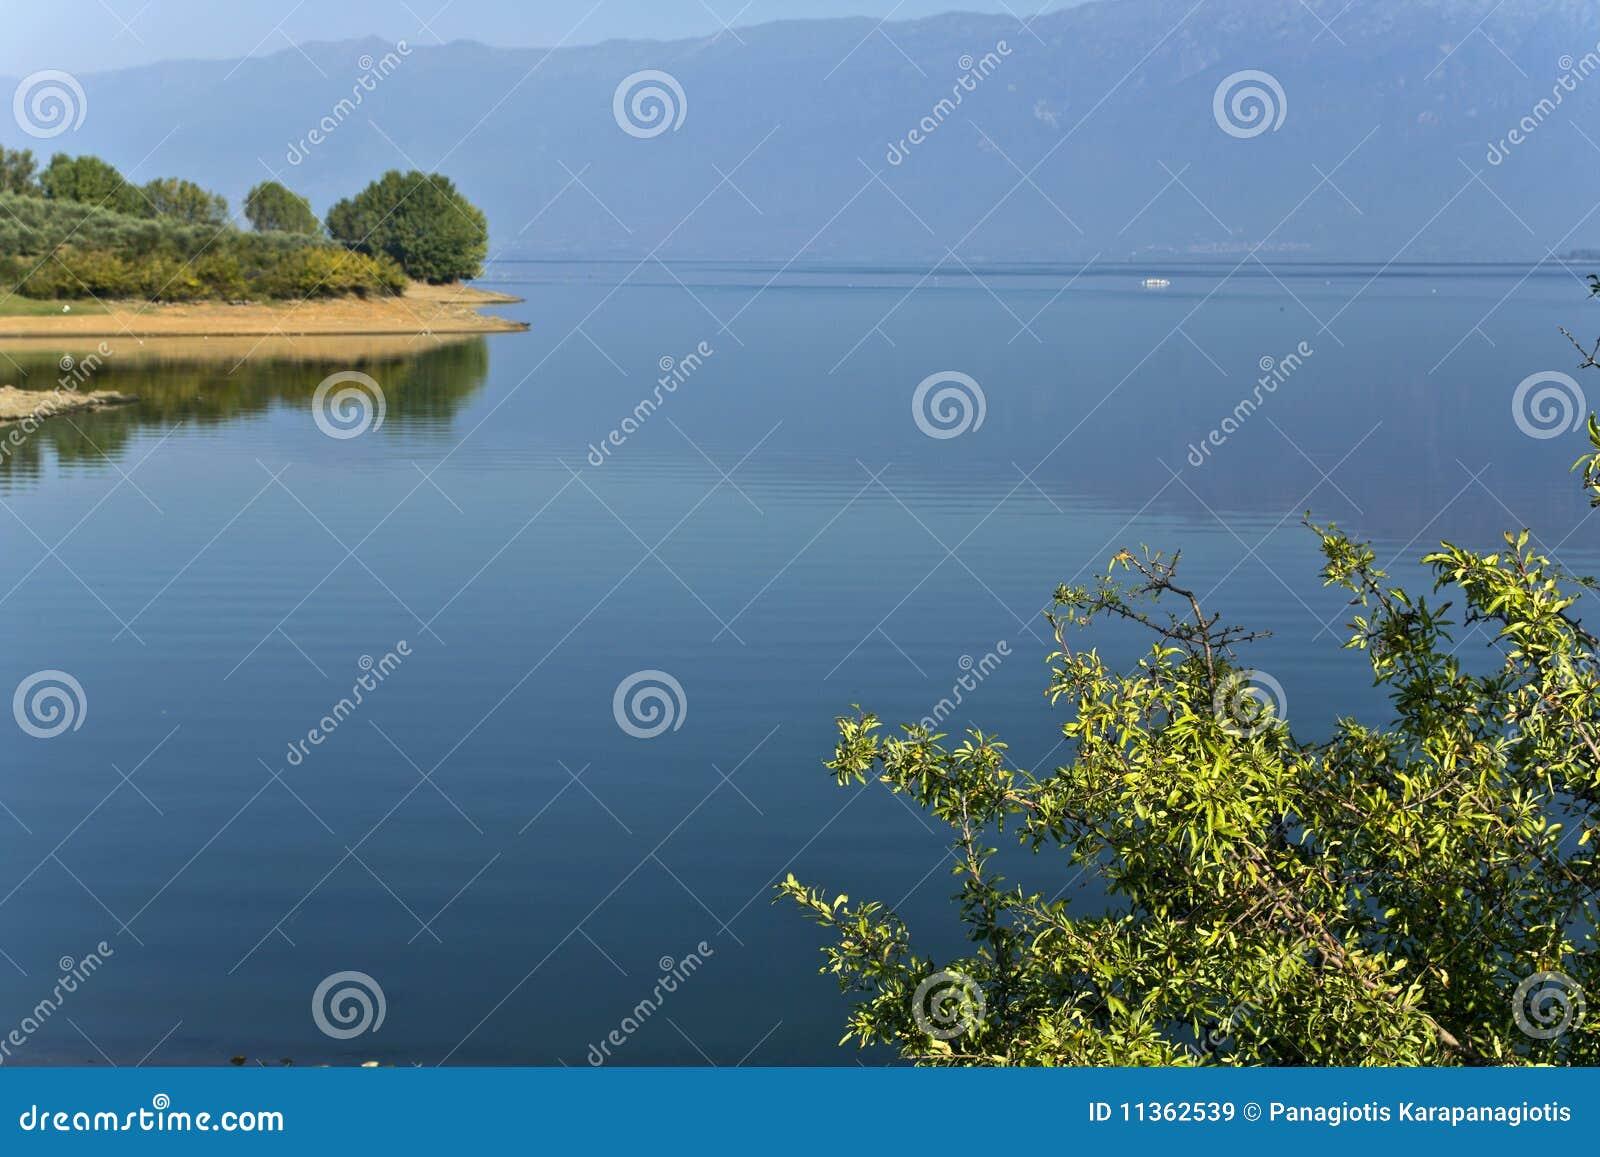 Kerkini See bei Griechenland